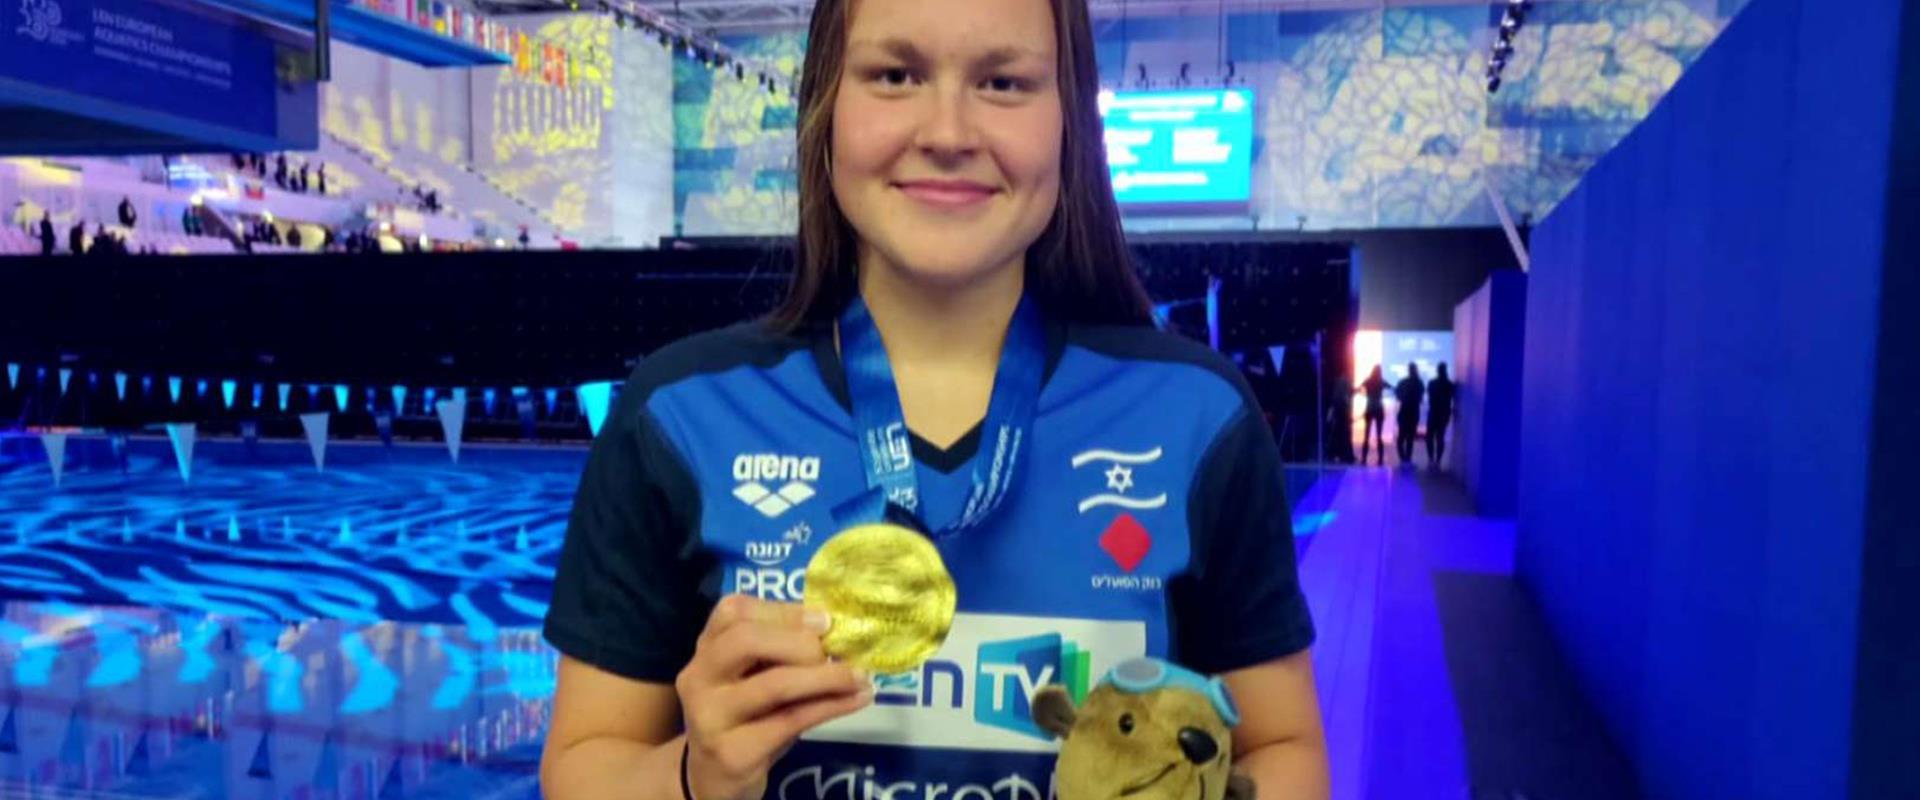 השחיינית אנסטסיה גורבנקו זכתה באליפות אירופה